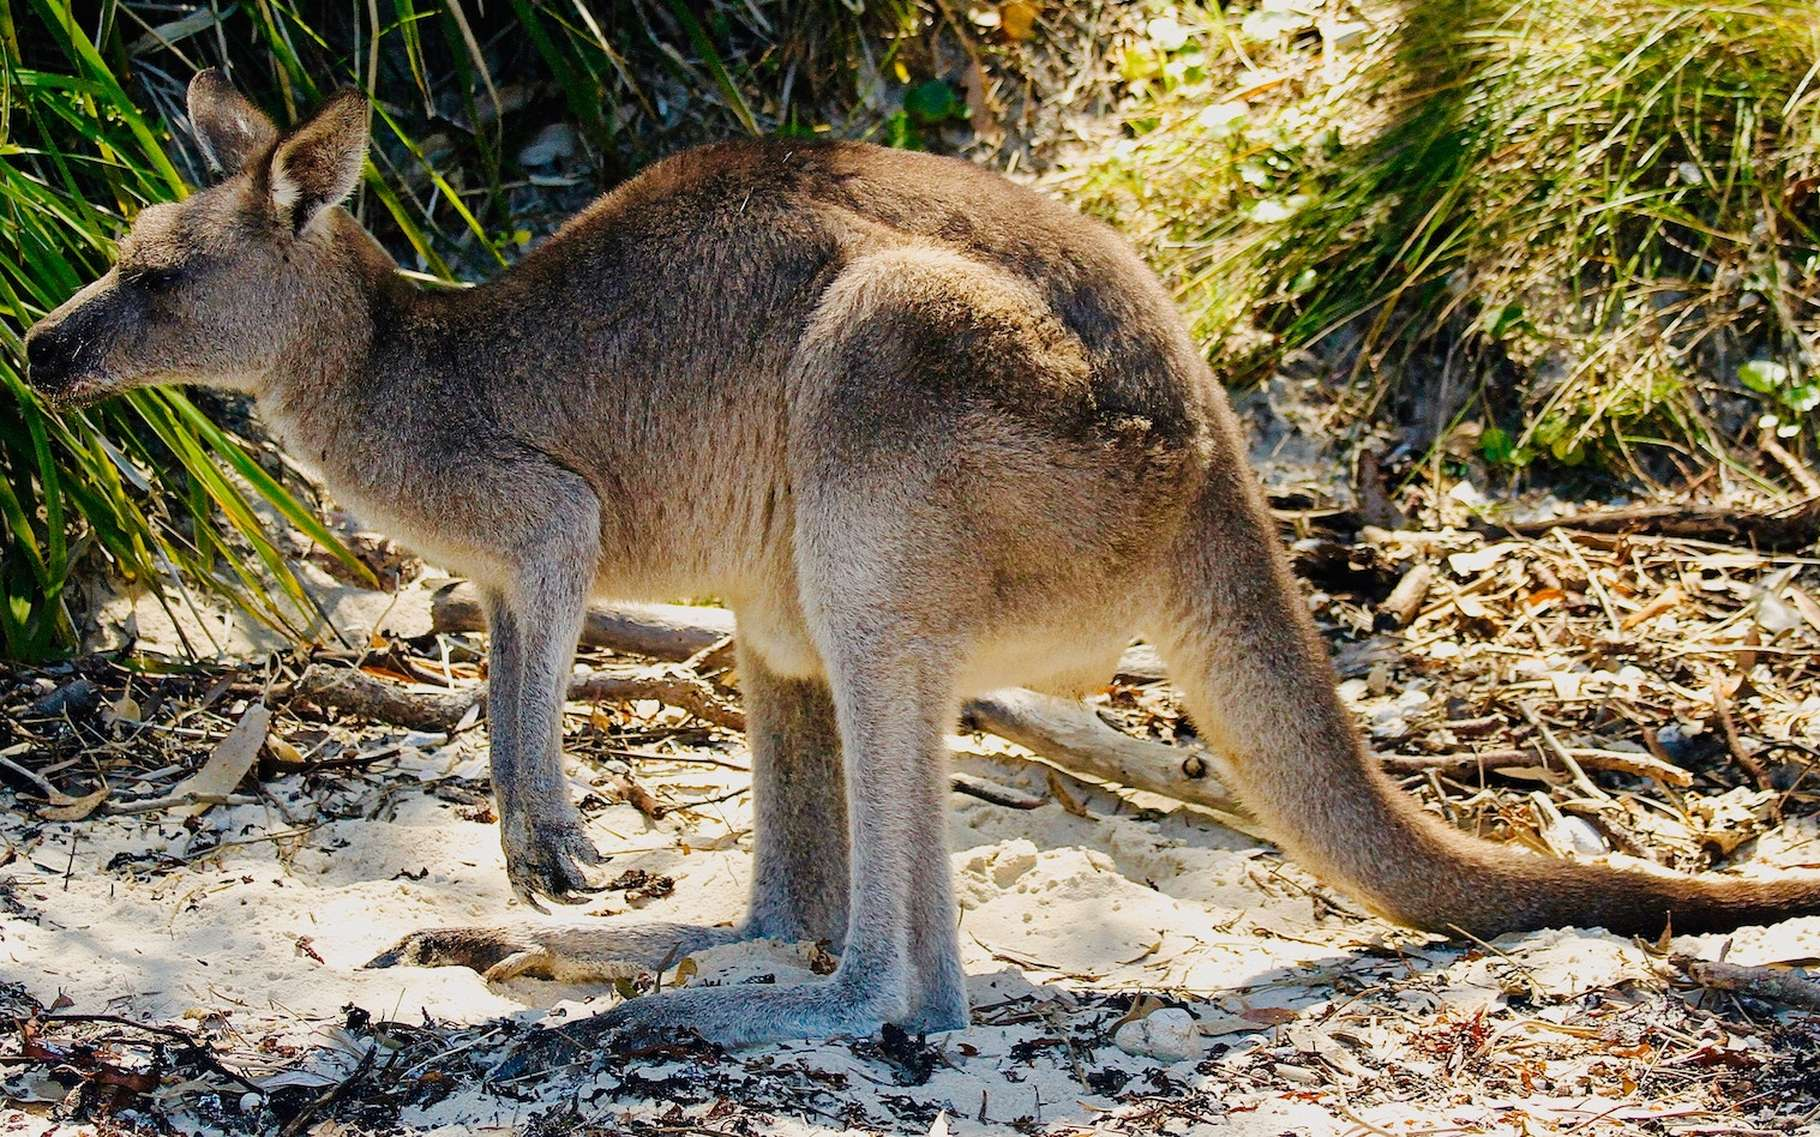 Le kangourou n'est pas un animal à trois pattes, mais il se sert volontiers de sa queue comme d'une troisième patte factice. © James Wainscoat, Unsplash